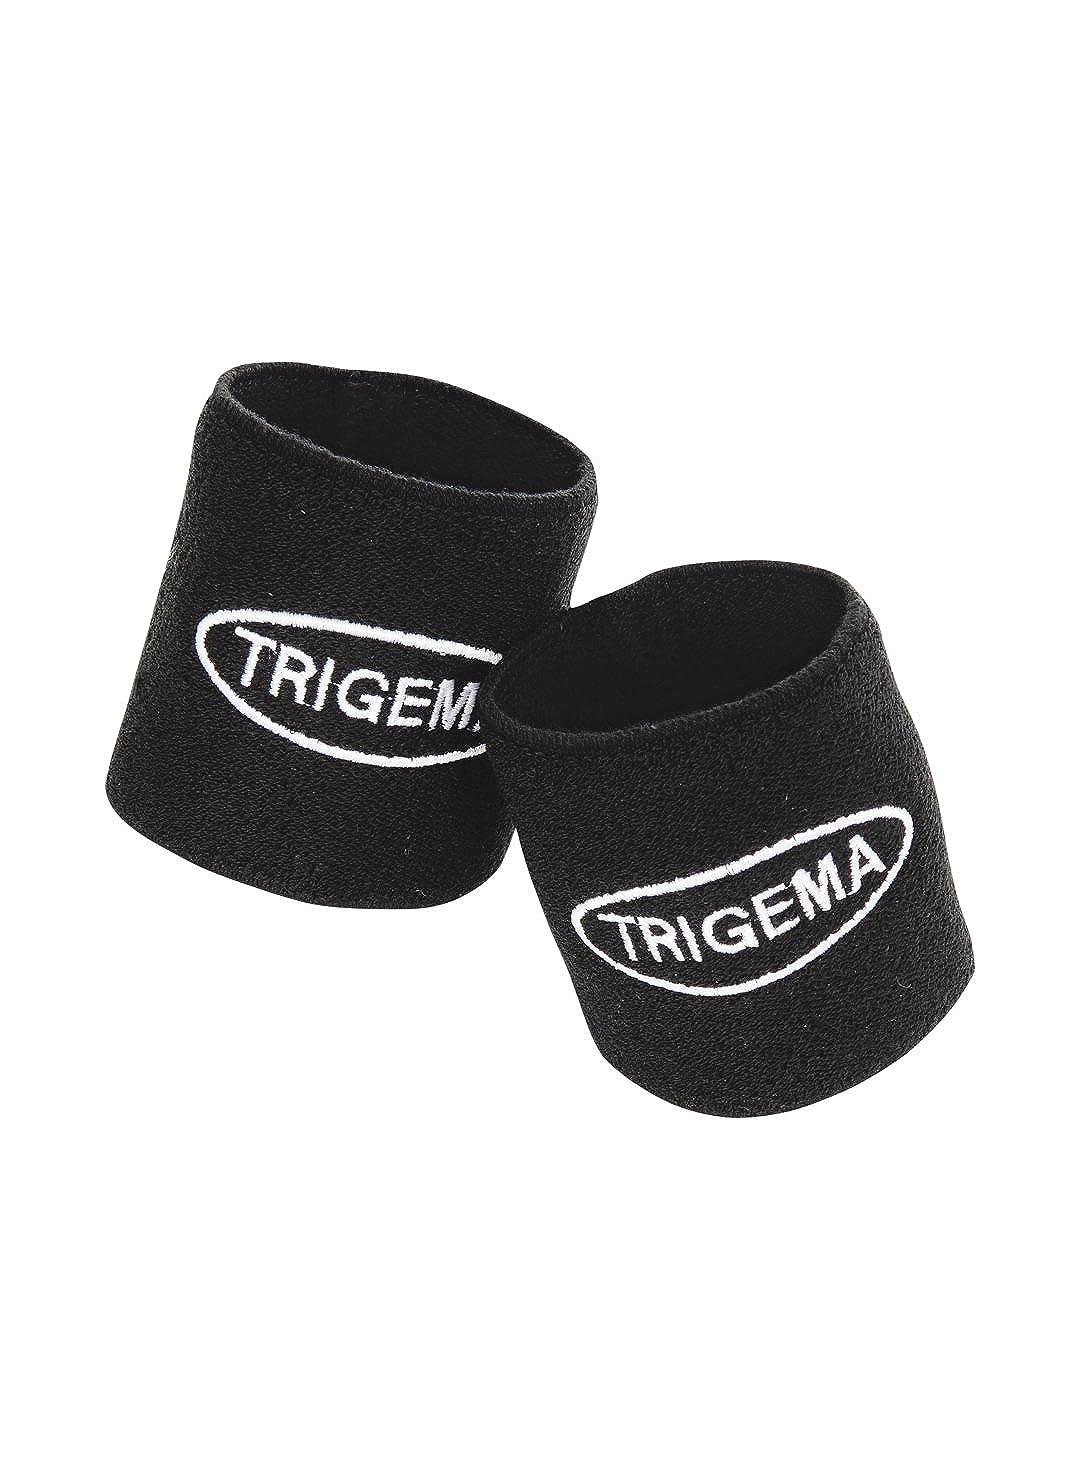 Trigema Girl's Trigema Mädchen Frottee Schweißband-set Arm Warmer TRIGEMA Inh. W. Grupp e. K. 200020